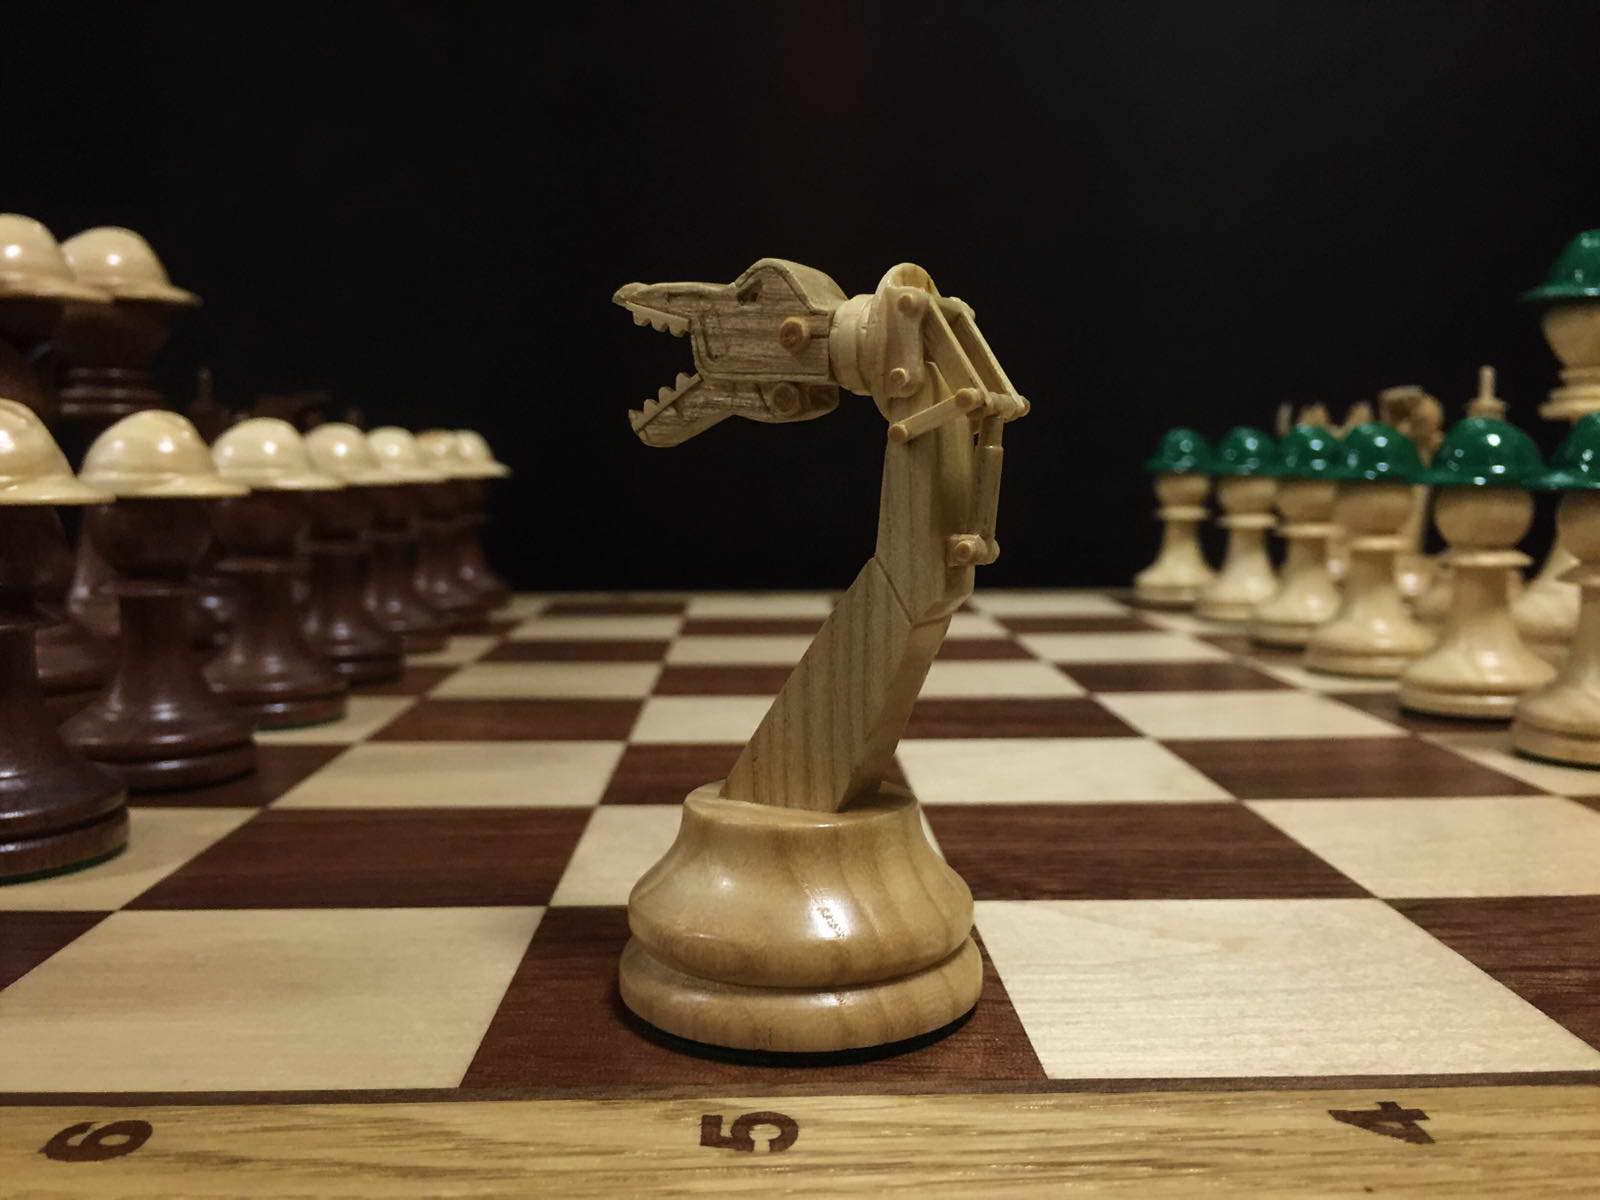 Ставка на шахматы картинка прикол, картинки